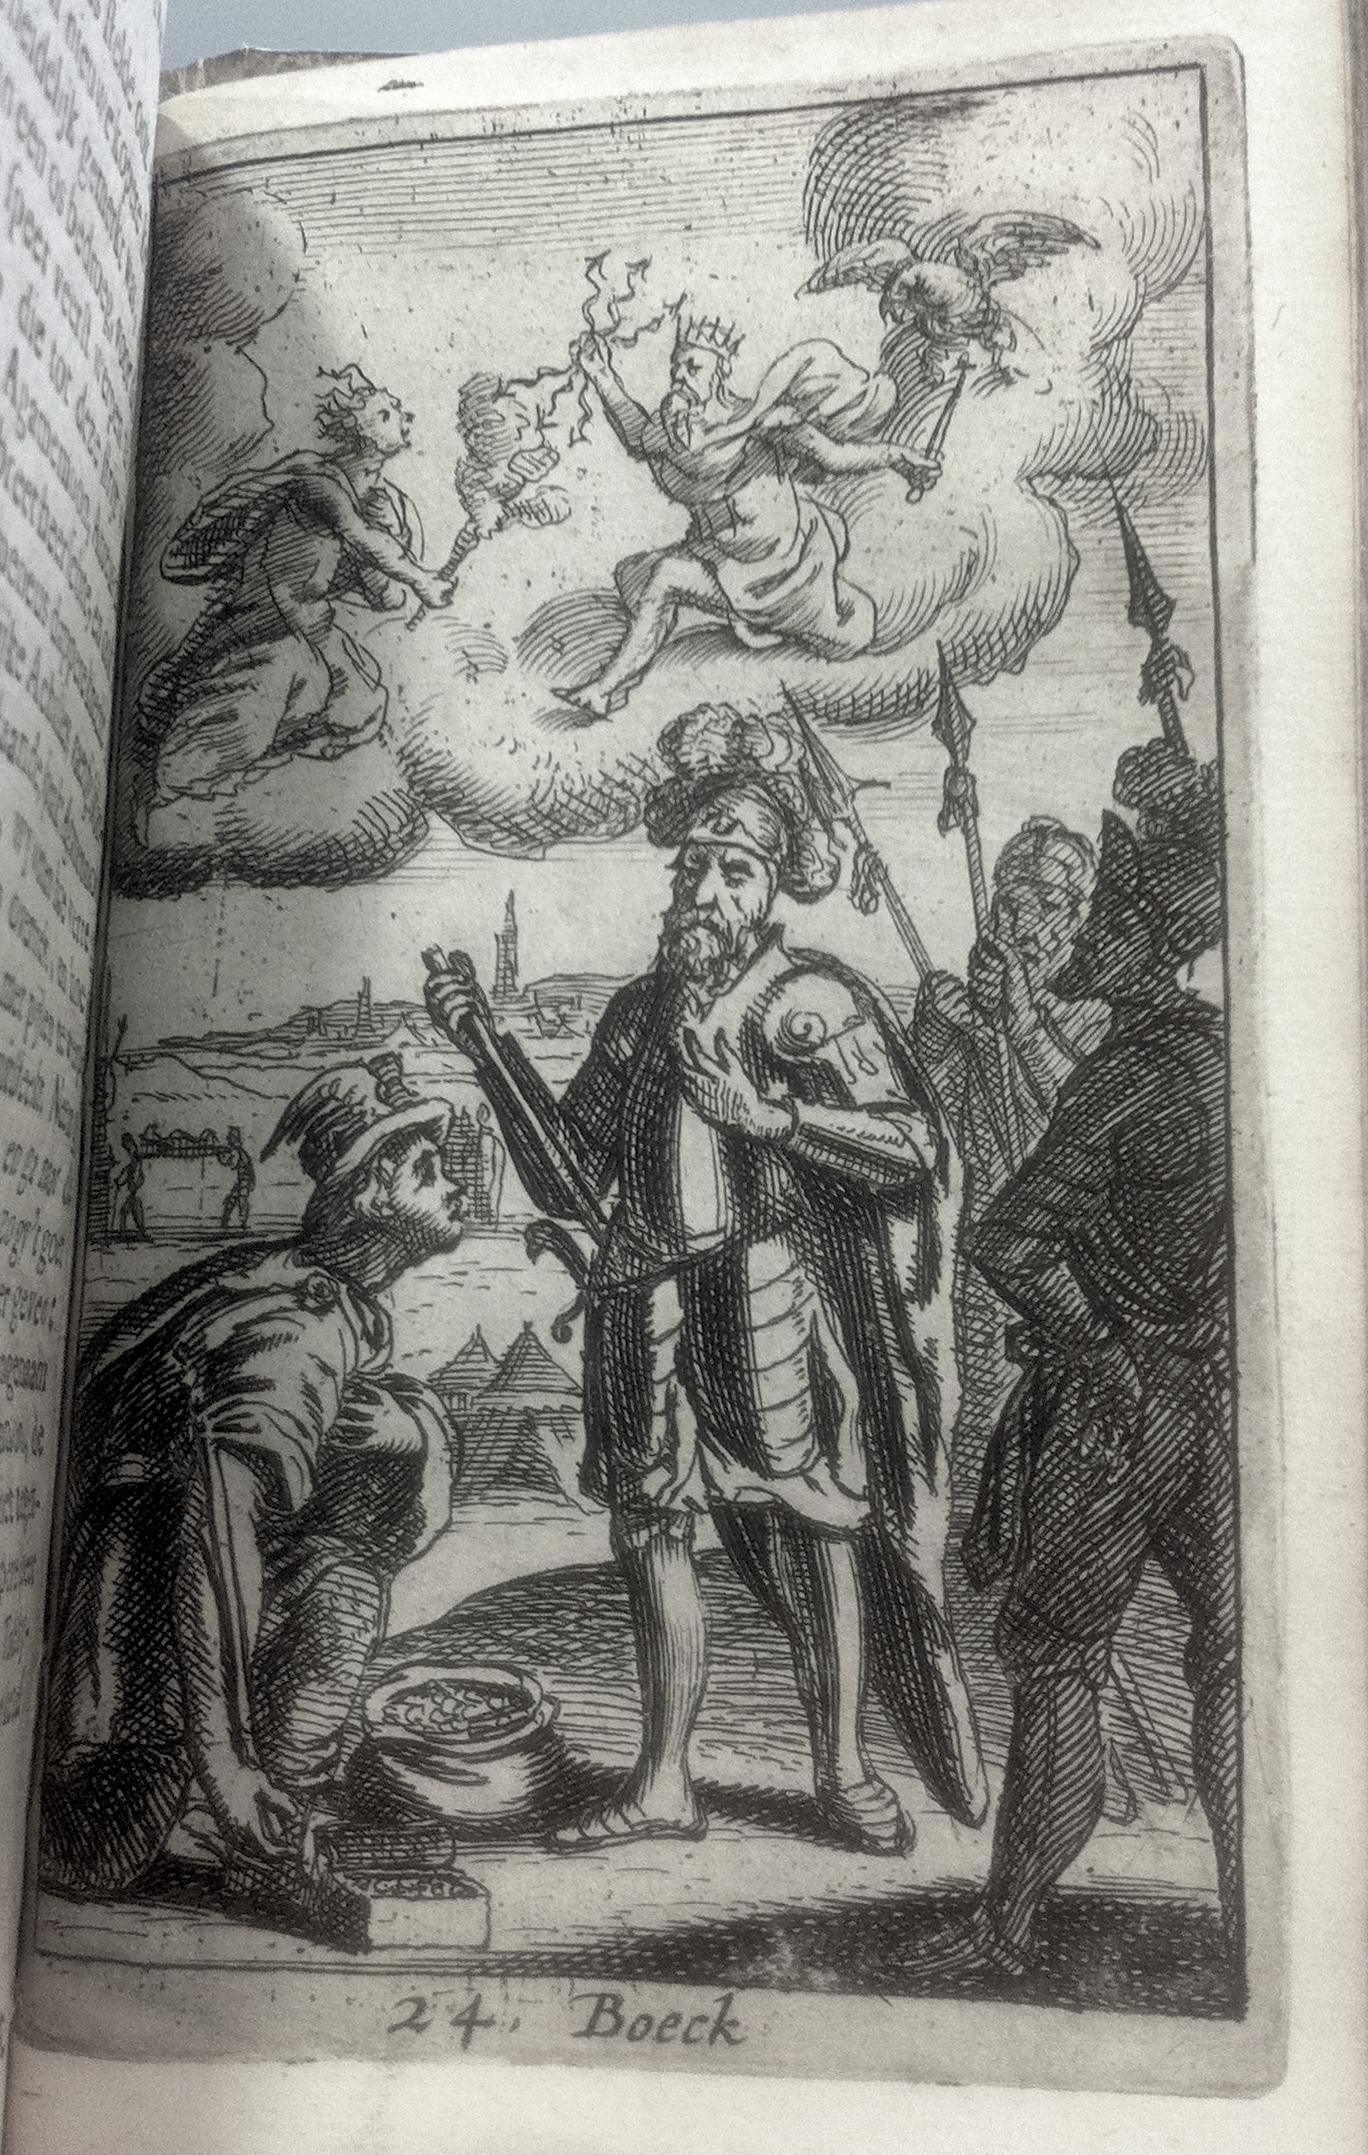 koning van argos tijdens trojaanse oorlog